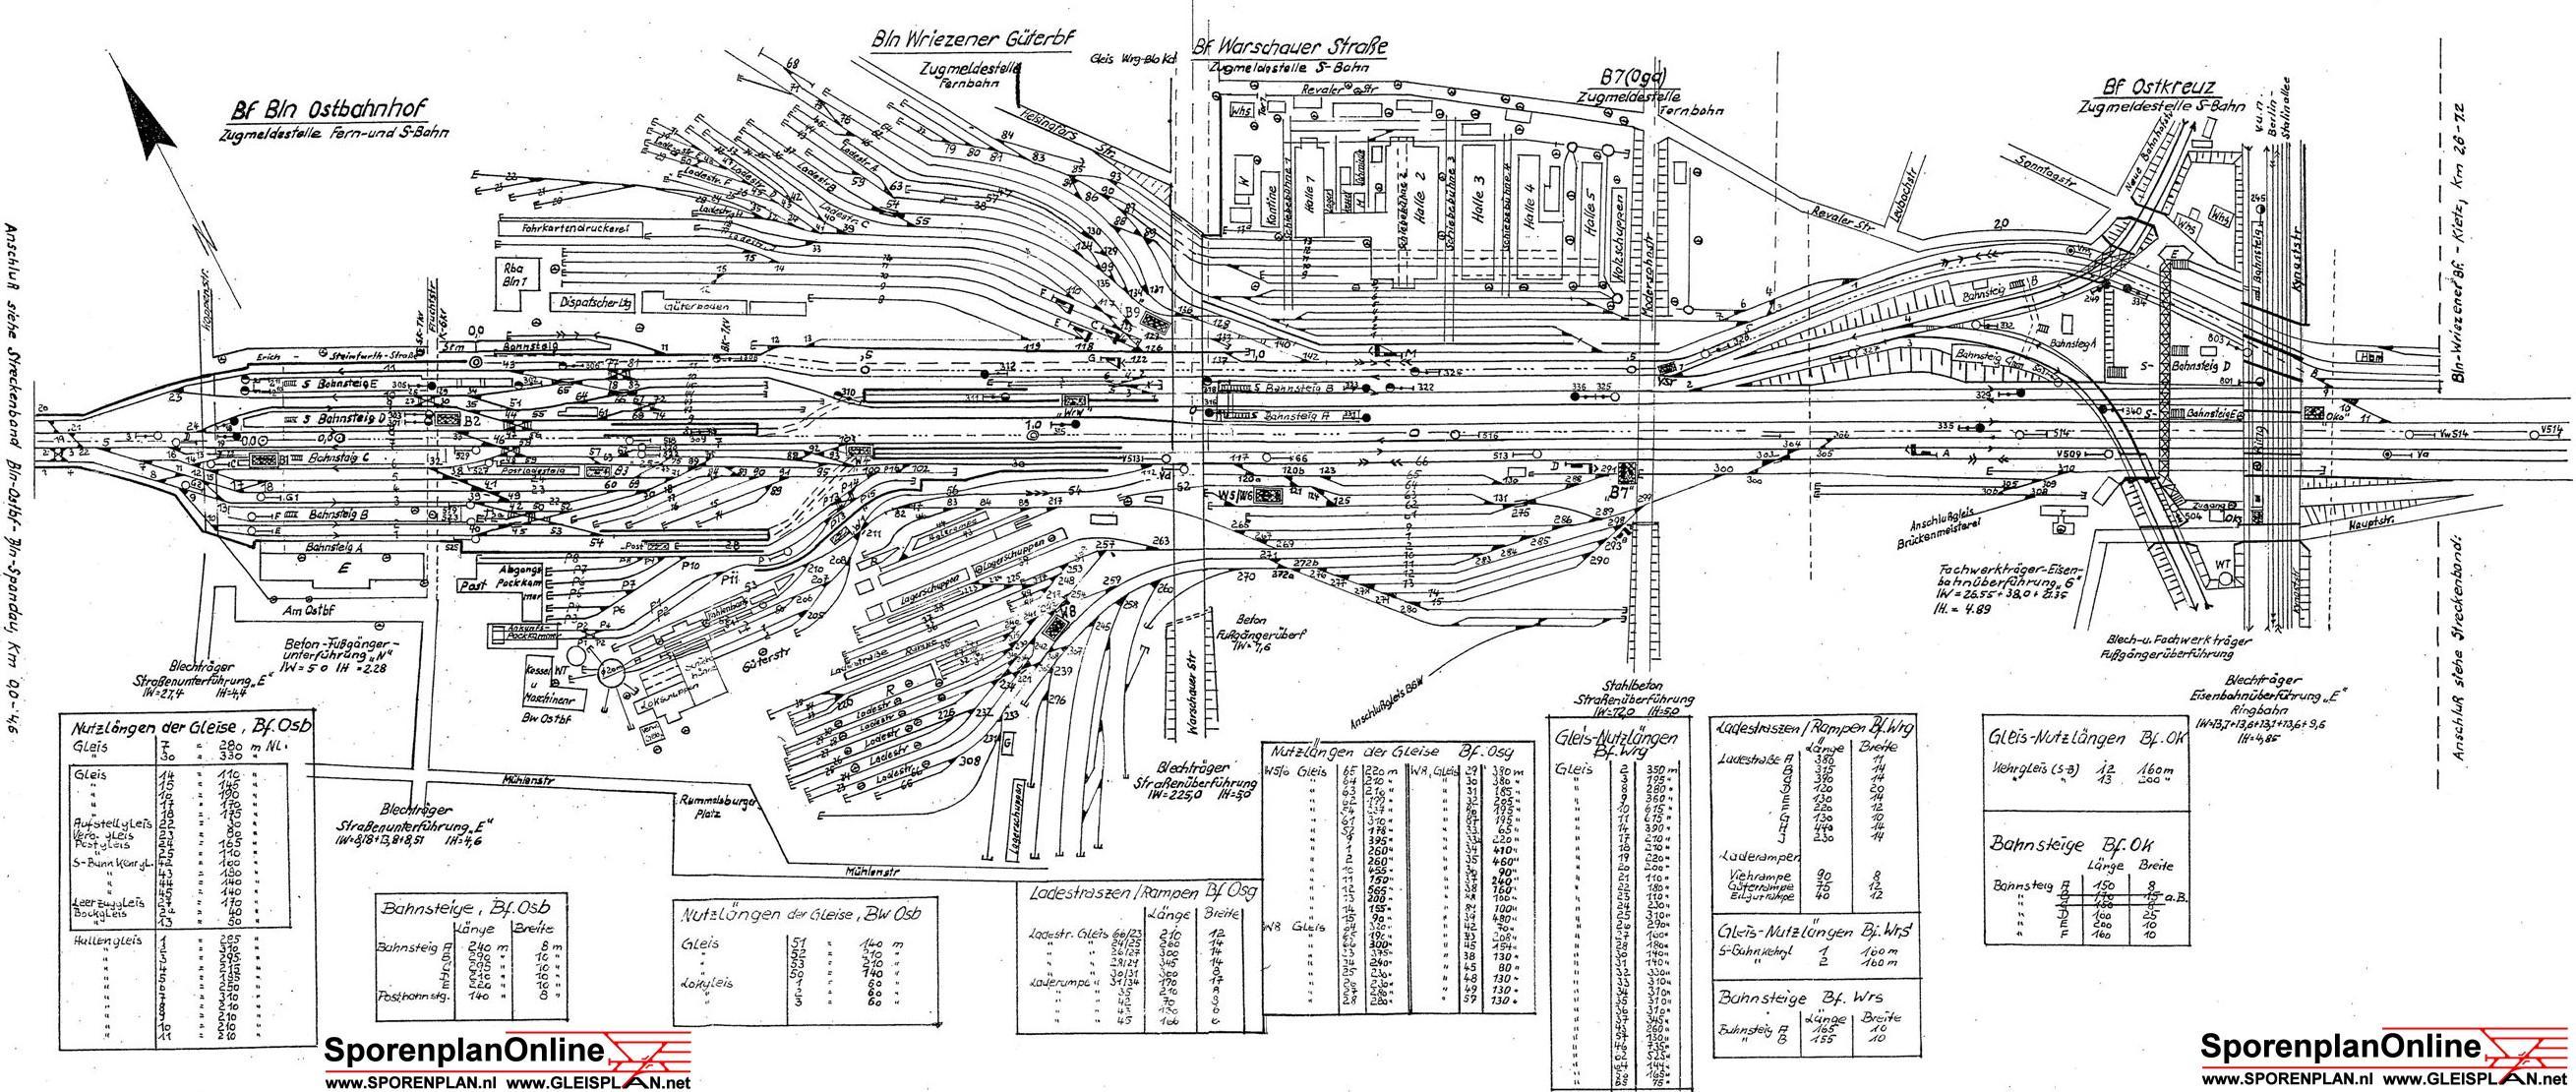 drehscheibe online foren 04 historische bahn dr 1969 07 24 interzonenzugfahrt berlin. Black Bedroom Furniture Sets. Home Design Ideas